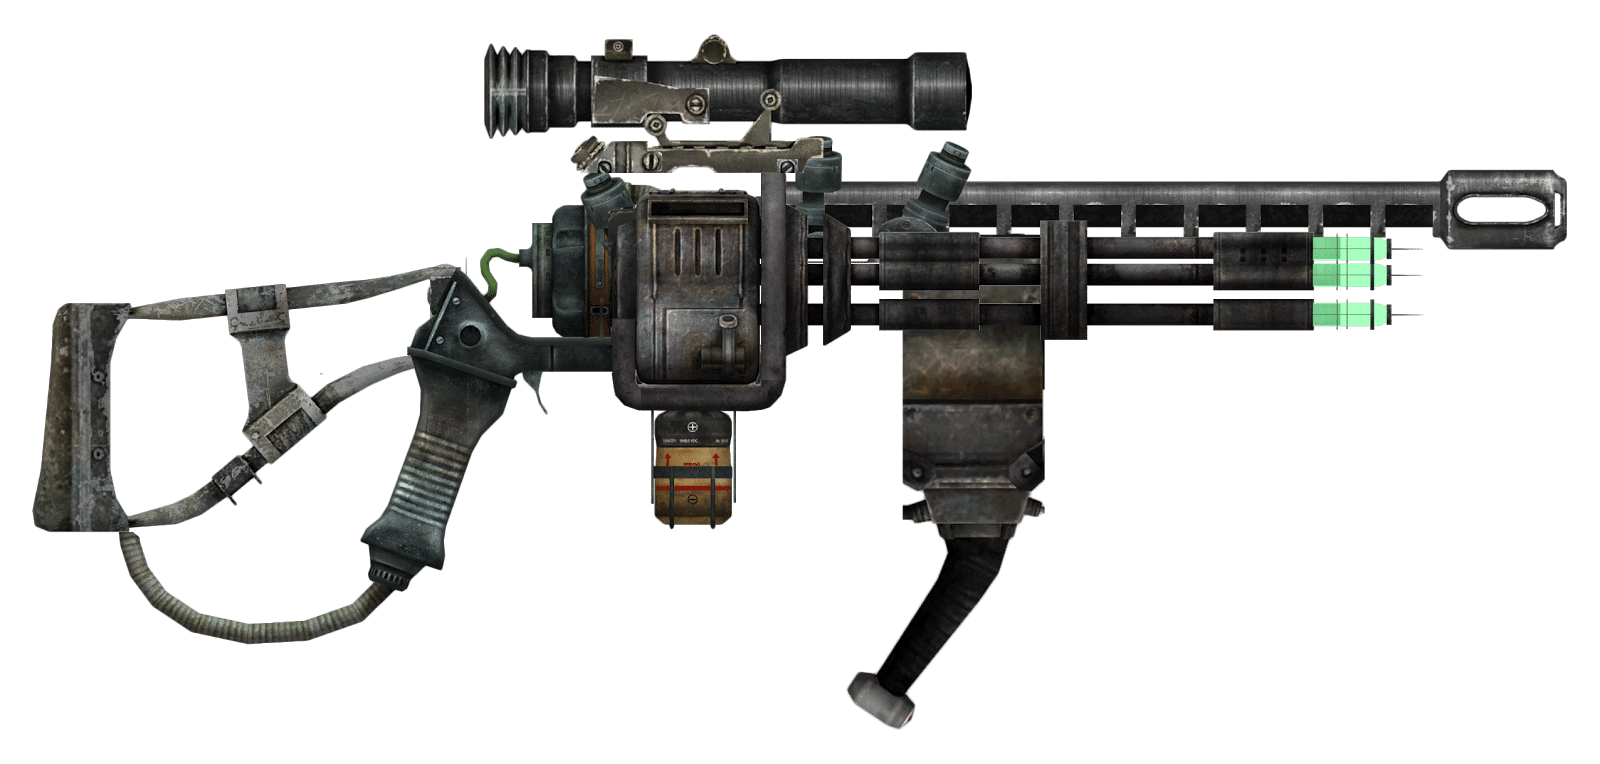 Denis_plasma_gun